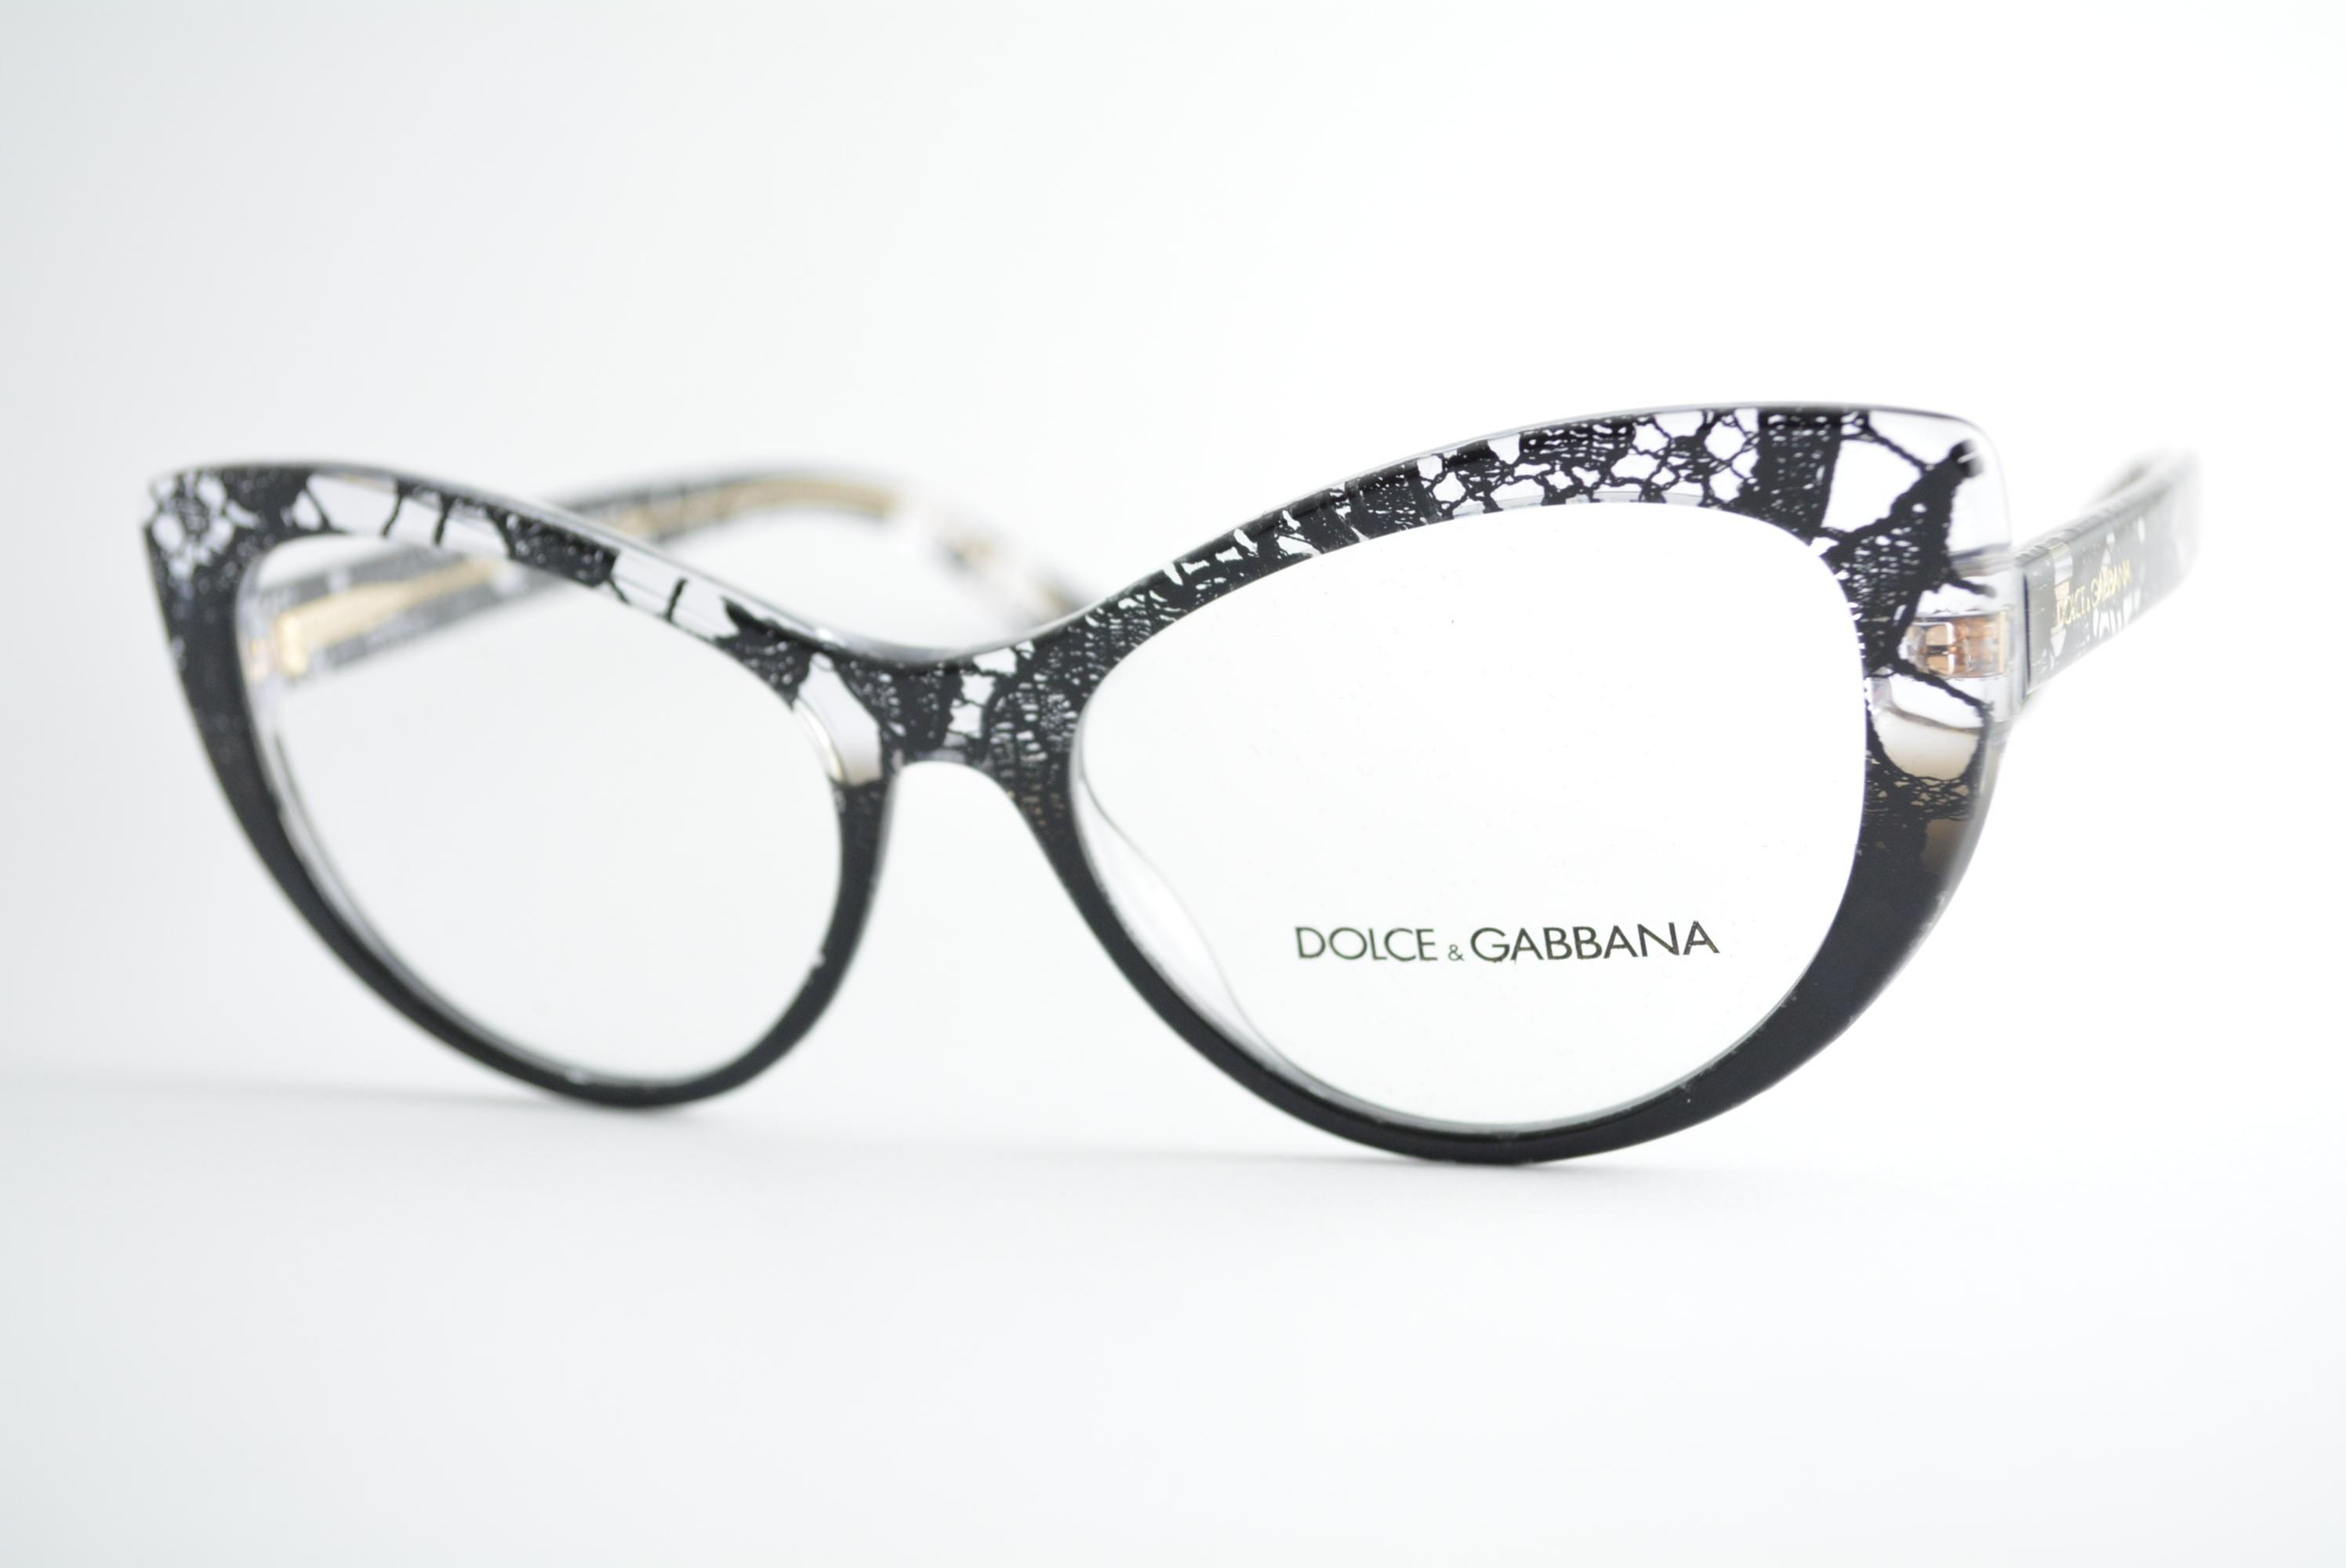 6869f41e584f3 armação de óculos Dolce   Gabbana mod DG3285 3152 Ótica Cardoso